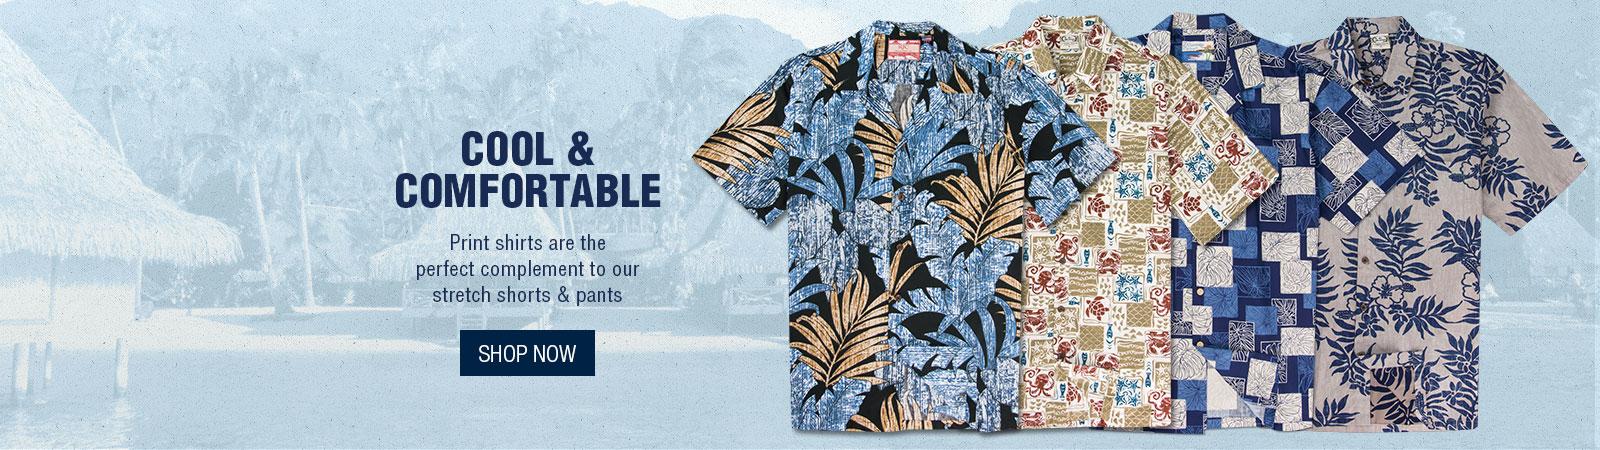 Cool & Comfortable - Print Shirts